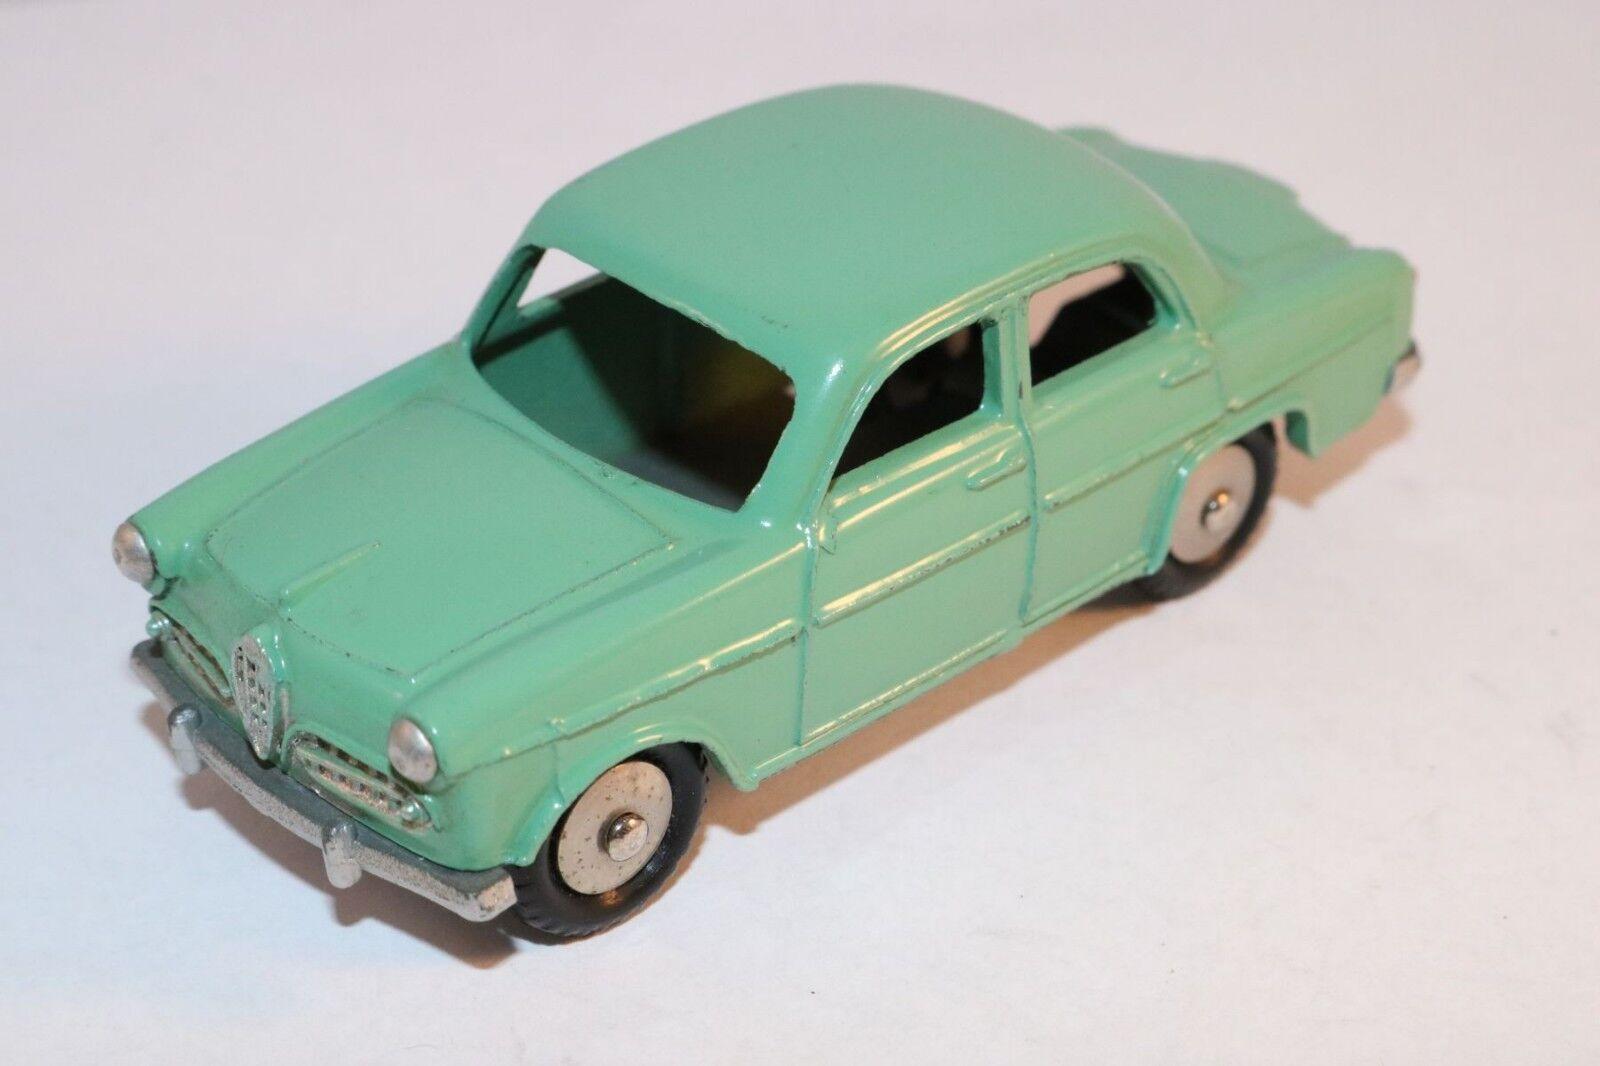 Mercury 17 Alfa Romeo Giulietta green in mint all original condition